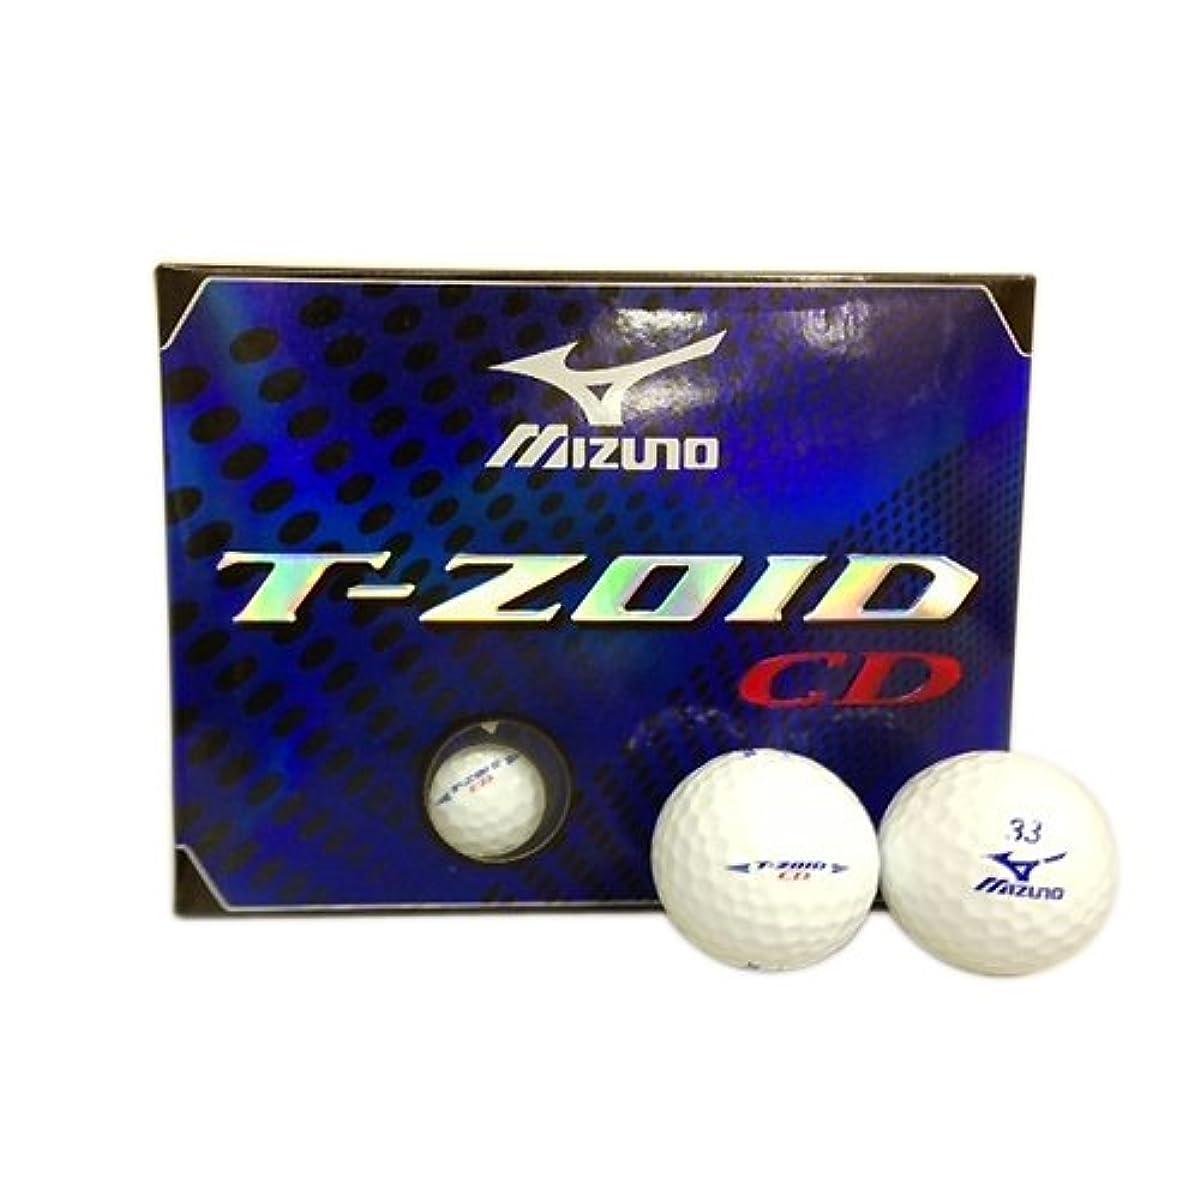 [해외] MIZUNO(미즈노) T-ZOID 티・조이드 CD 골프 볼 1다스 (12공입) 화이트  T-ZOIDCD